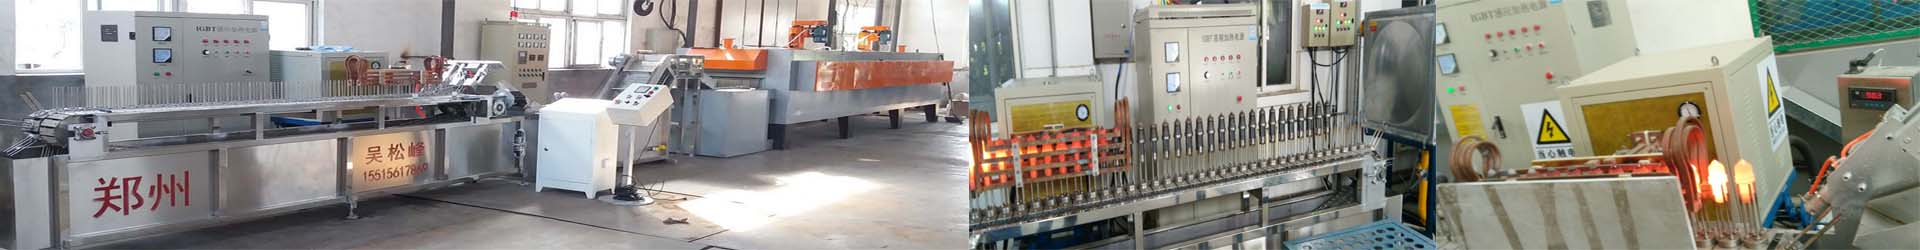 截齿焊接设备|全自动截齿焊接生产线|截齿焊接生产厂家